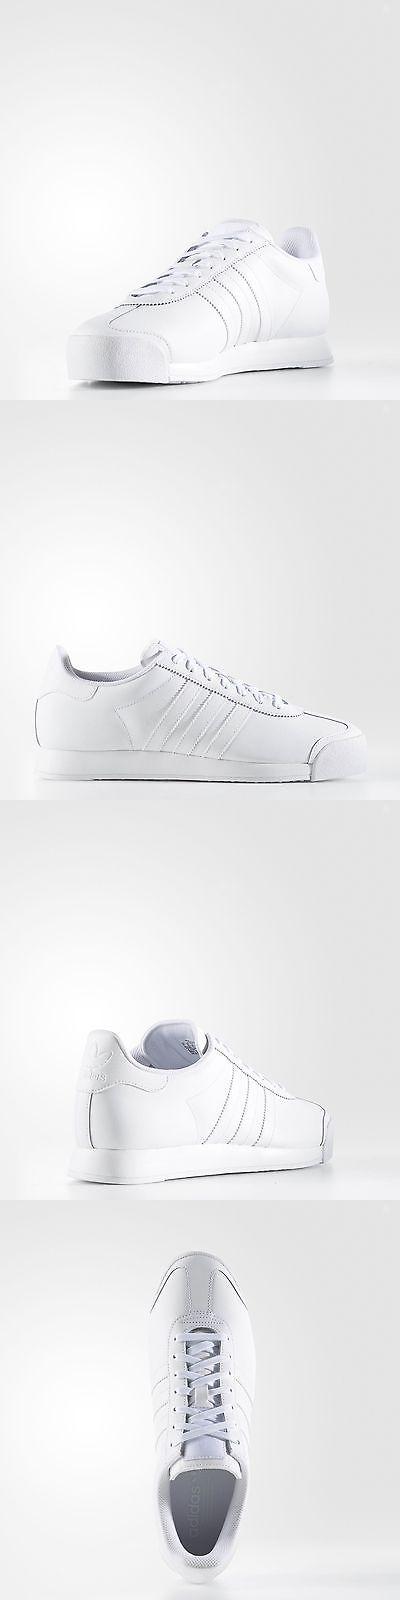 adidas gazelle grey gum sole mens adidas ultra boost white ebay